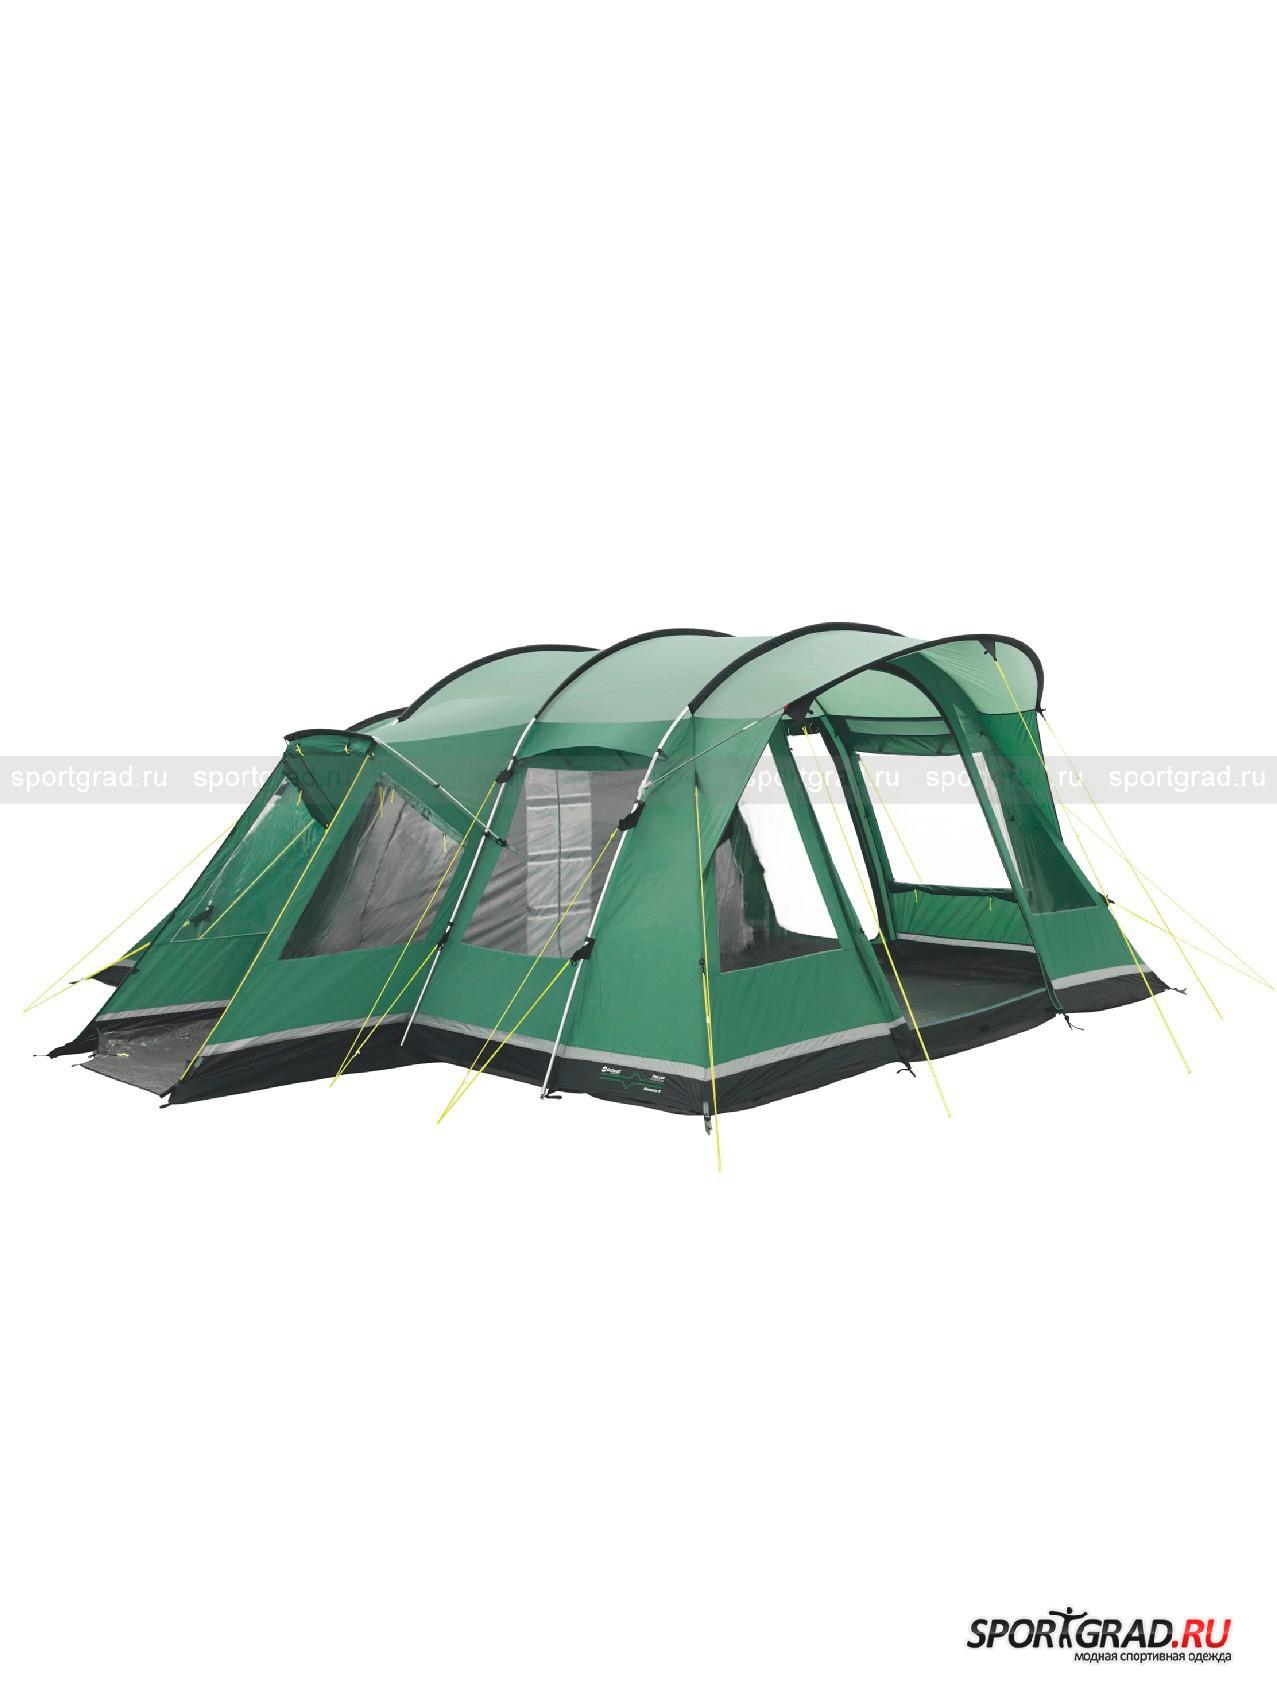 Палатка шестиместная Montana 6 OutwellПалатки<br>Качественная двухслойная палатка тоннельного типа из топовой cерии DeLuxe с тремя жилыми отсеками. В этой палатке могут с комфортом разместиться до 6 человек. Палатка имеет три спальных отсека и просторный холл с несколькими большими окнами. Система стабилизации повышает устойчивость палатки в суровых погодных условиях, при сильном и даже при штормовом ветре. Верх изготовлен из фирменного огнеупорного материала Outtex – гарантия Вашей защищённости.<br><br>Модель имеет:<br><br>?Большие окна со скручивающимися шторками<br>?Просторную гостинную<br>?Регулируемую внутреннюю палатку<br>?Карманы-органайзеры<br>?Держатель для лампы и кабеля<br>?Полностью герметичный тент для максимальной защиты<br>?Сетчатые карманы во внутренней палатке<br>?Стрессовые точки укреплены армированными накладками<br>?Светящиеся ветровые растяжки<br>?Надежные, водонепроницаемые молнии<br><br>Возраст: Взрослый<br>Тип: Палатки<br>Состав: Верх: полиэстер, подкладка: полиэтилен.